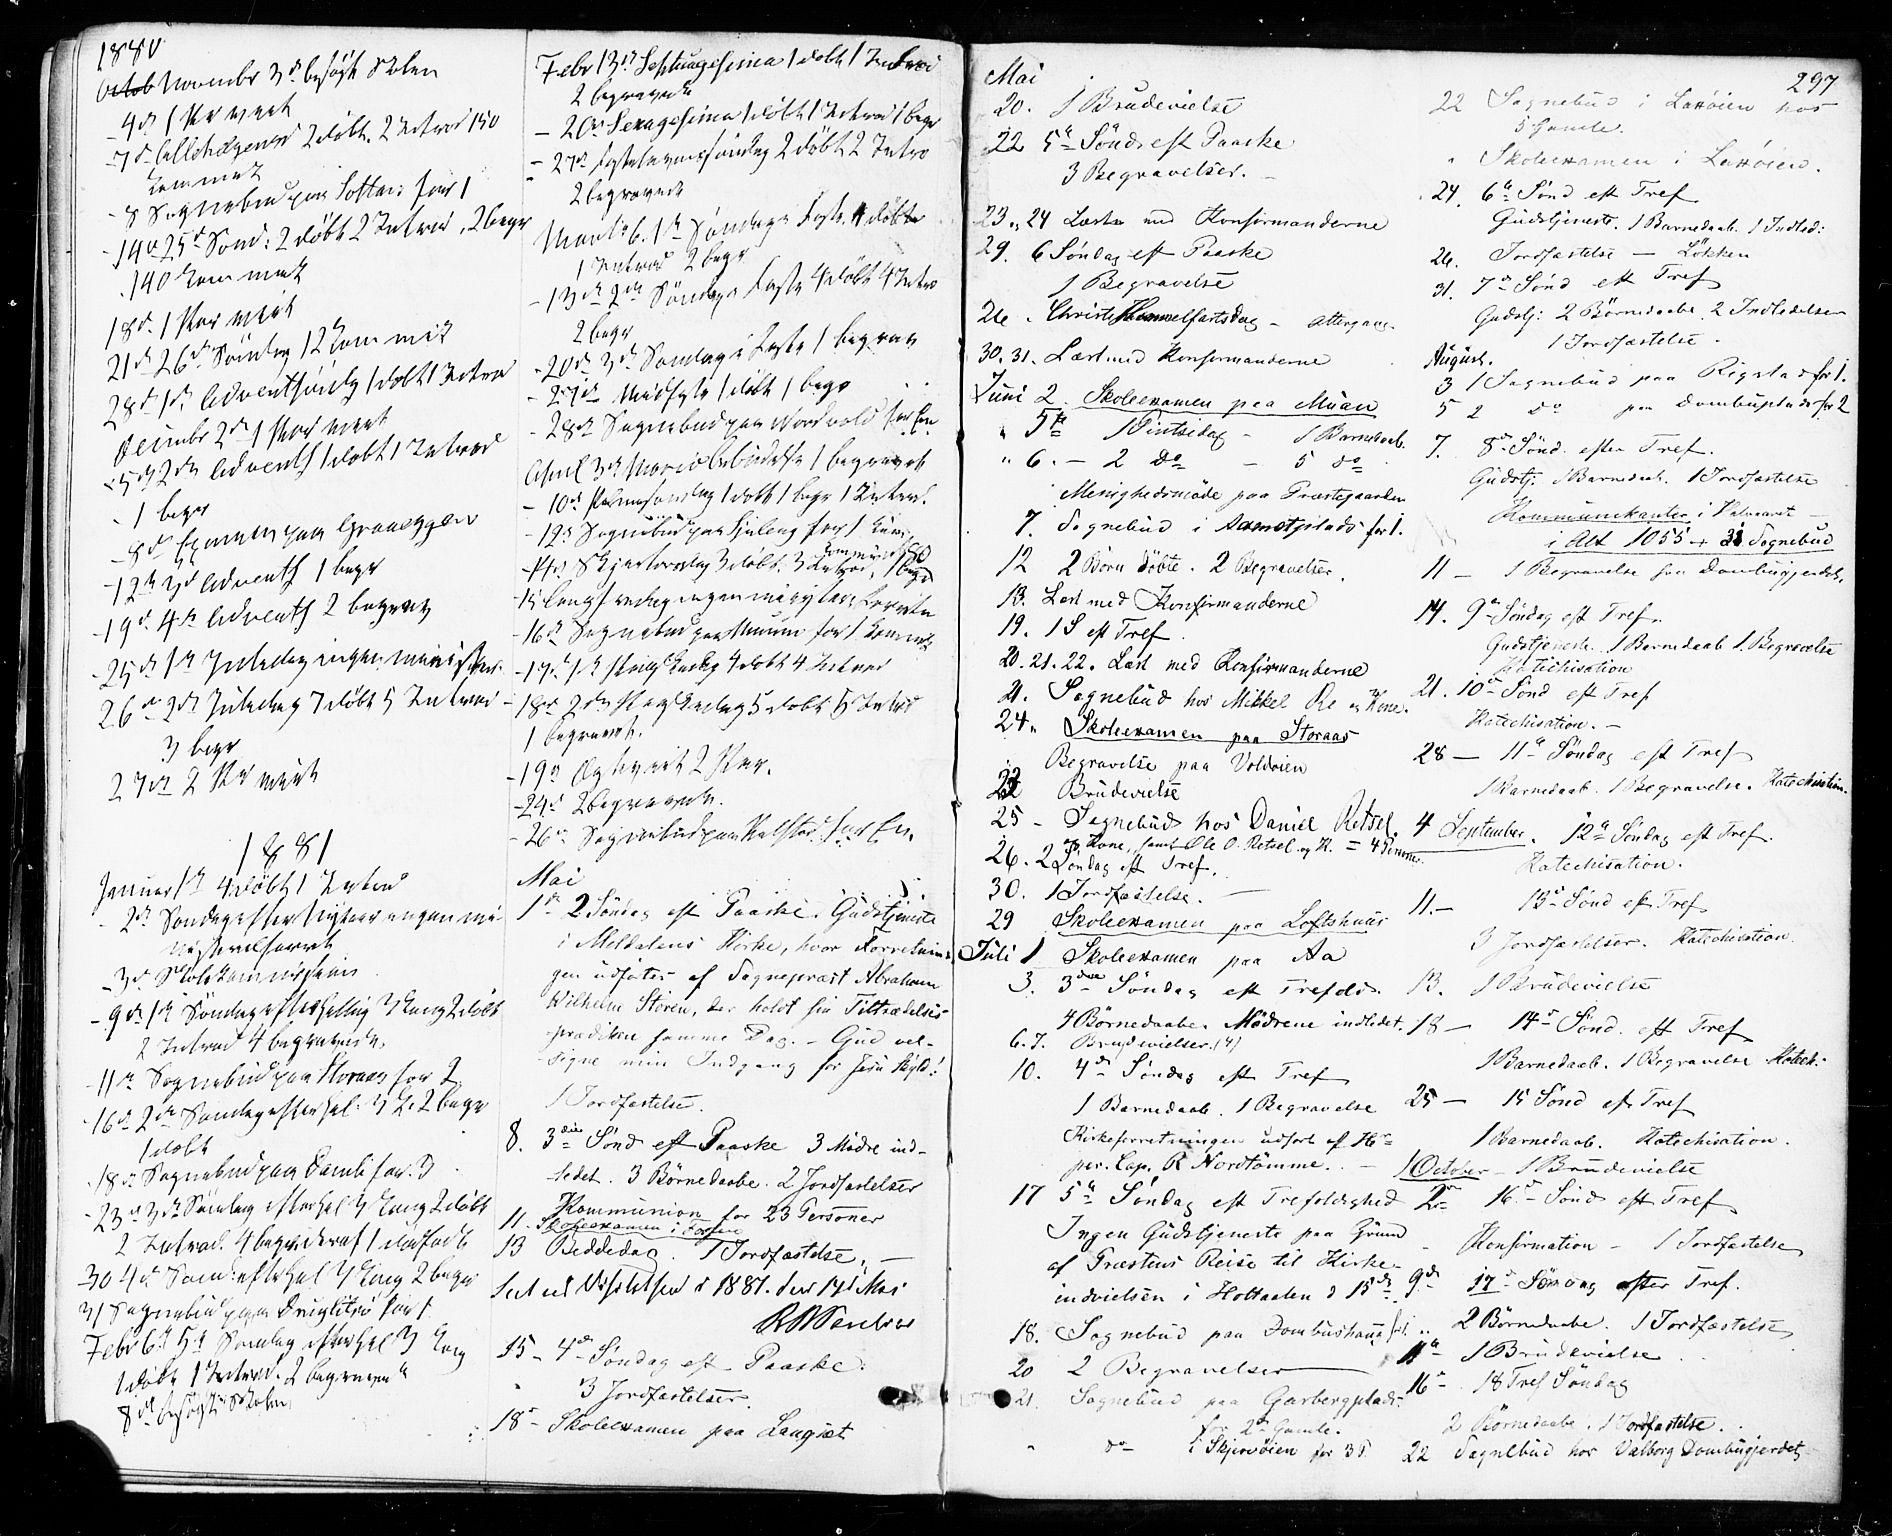 SAT, Ministerialprotokoller, klokkerbøker og fødselsregistre - Sør-Trøndelag, 672/L0856: Ministerialbok nr. 672A08, 1861-1881, s. 297